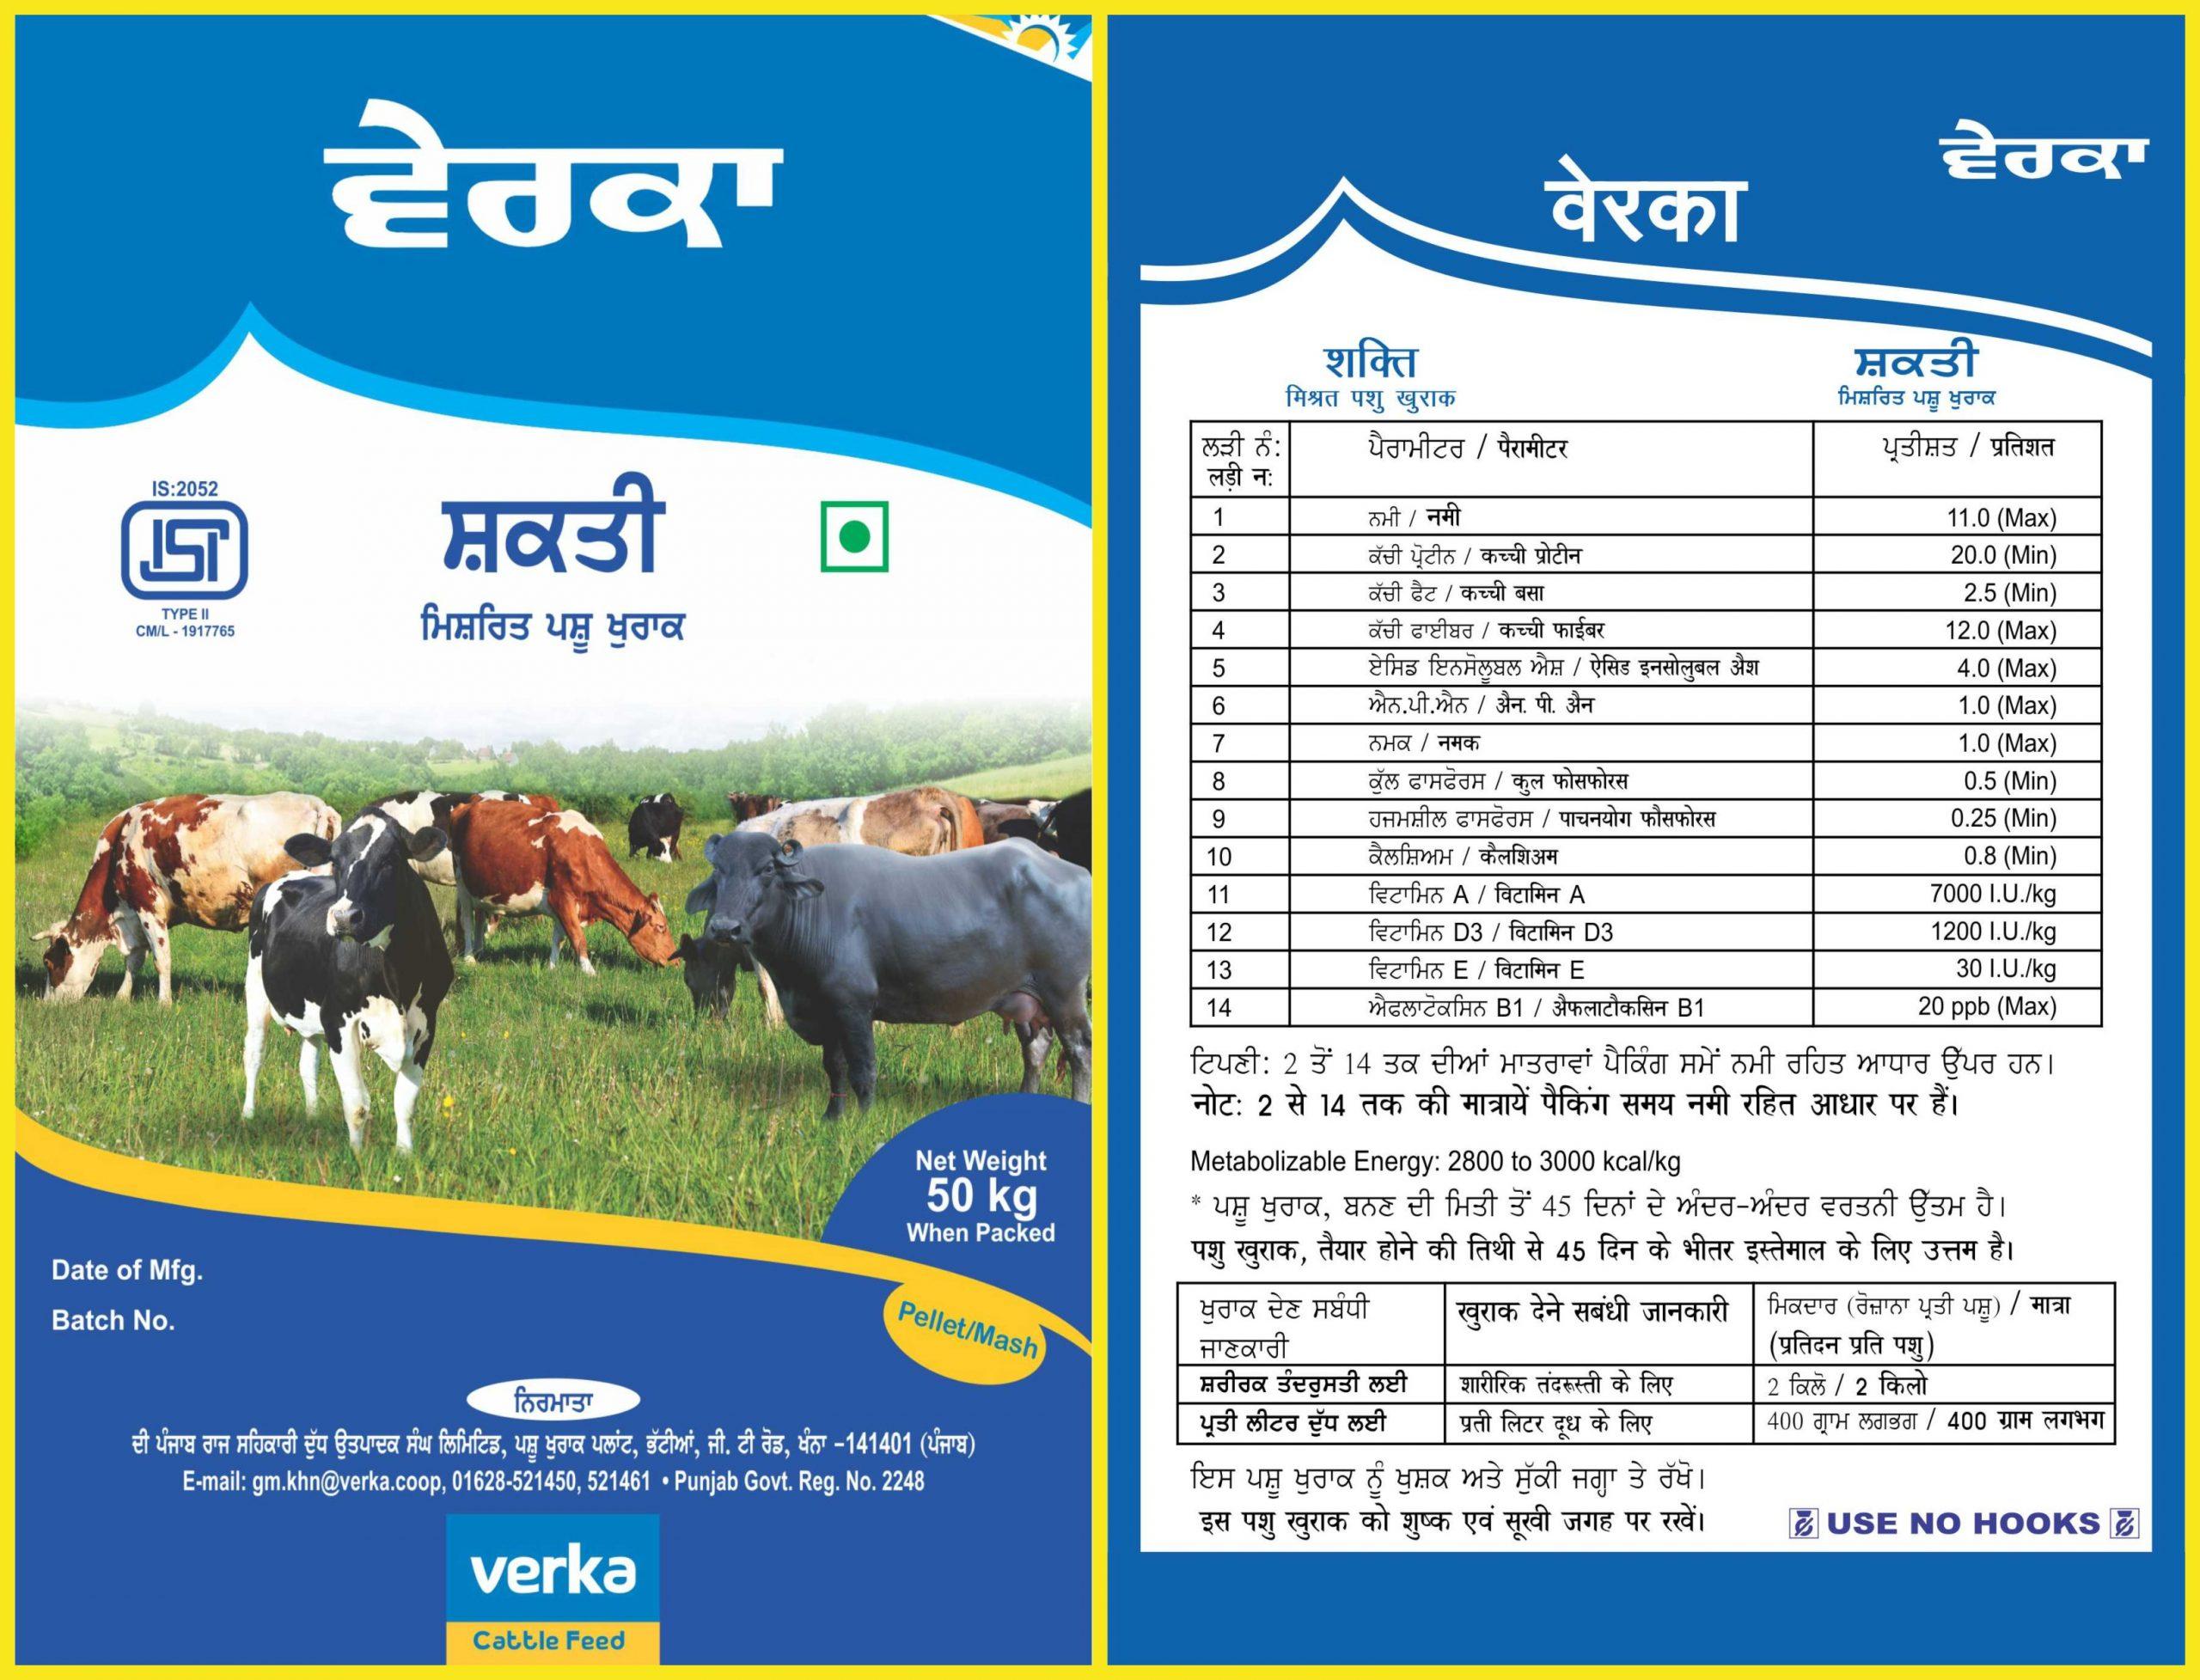 Verka Shakti Cattlefeed